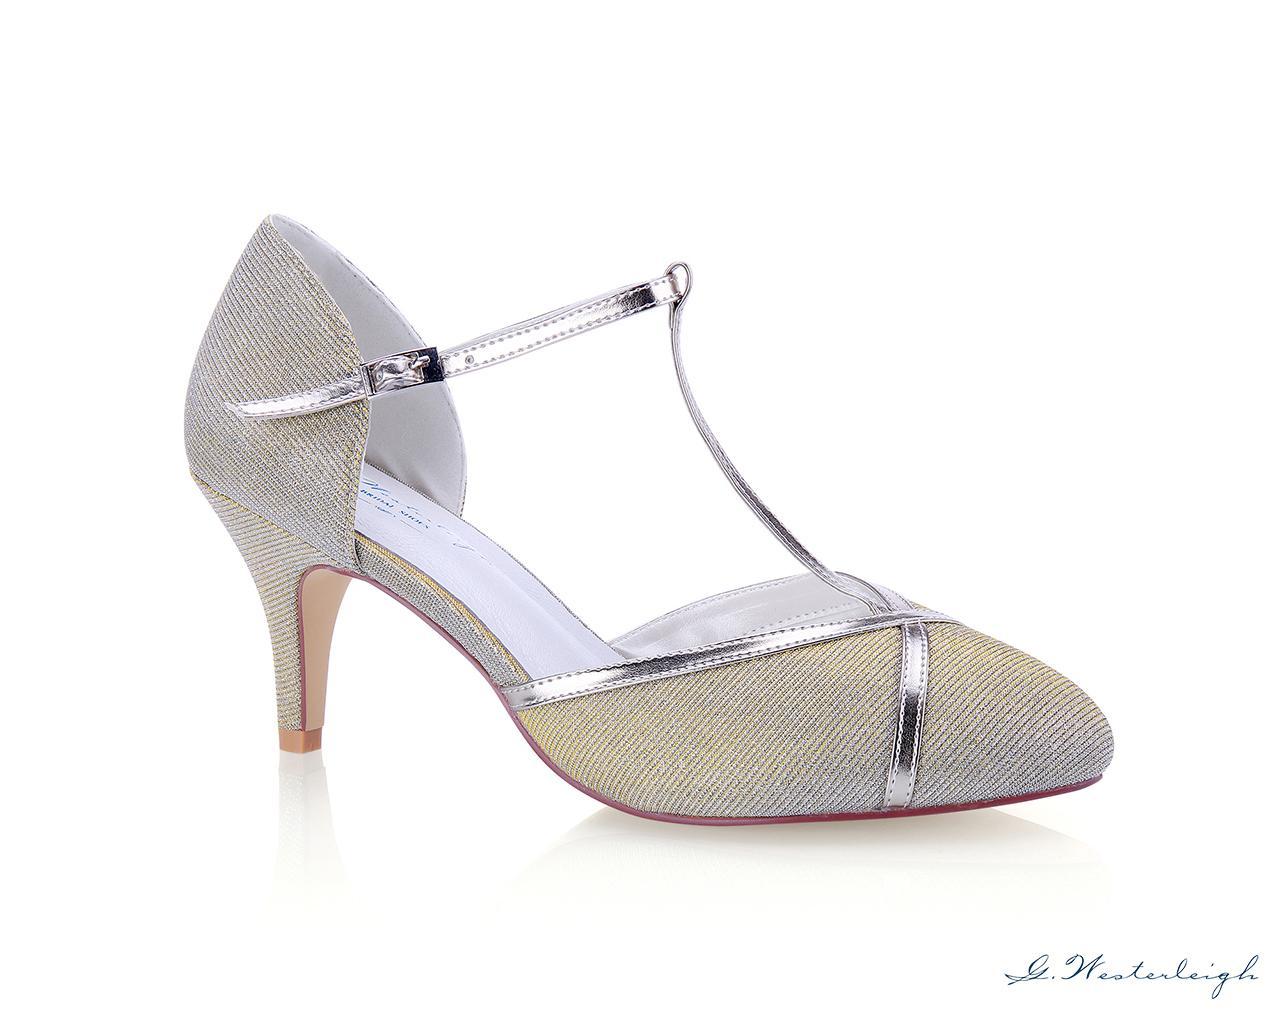 Svadobné topánky Zara 2 - Obrázok č. 1